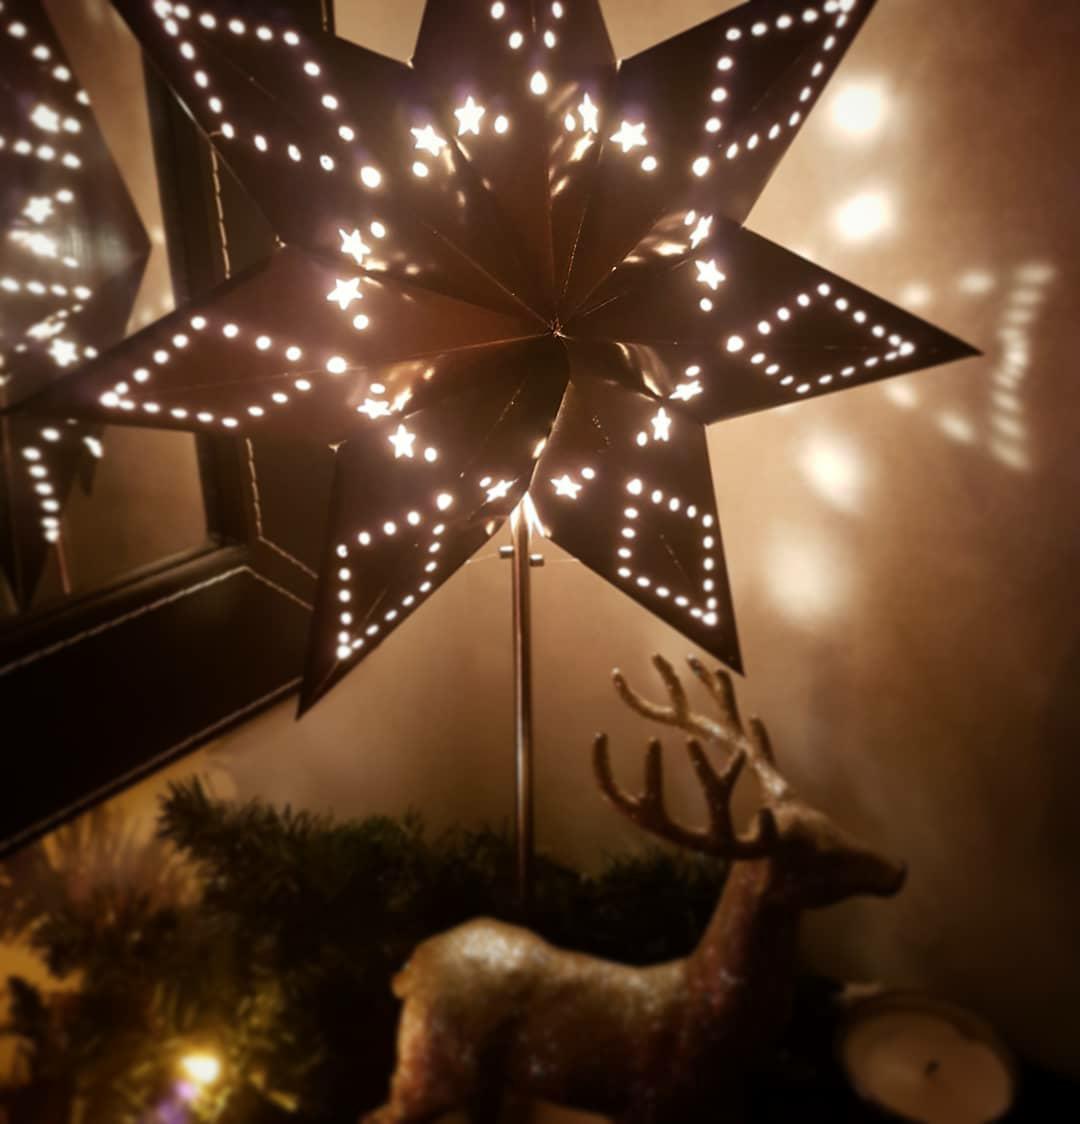 Swedish christmas star